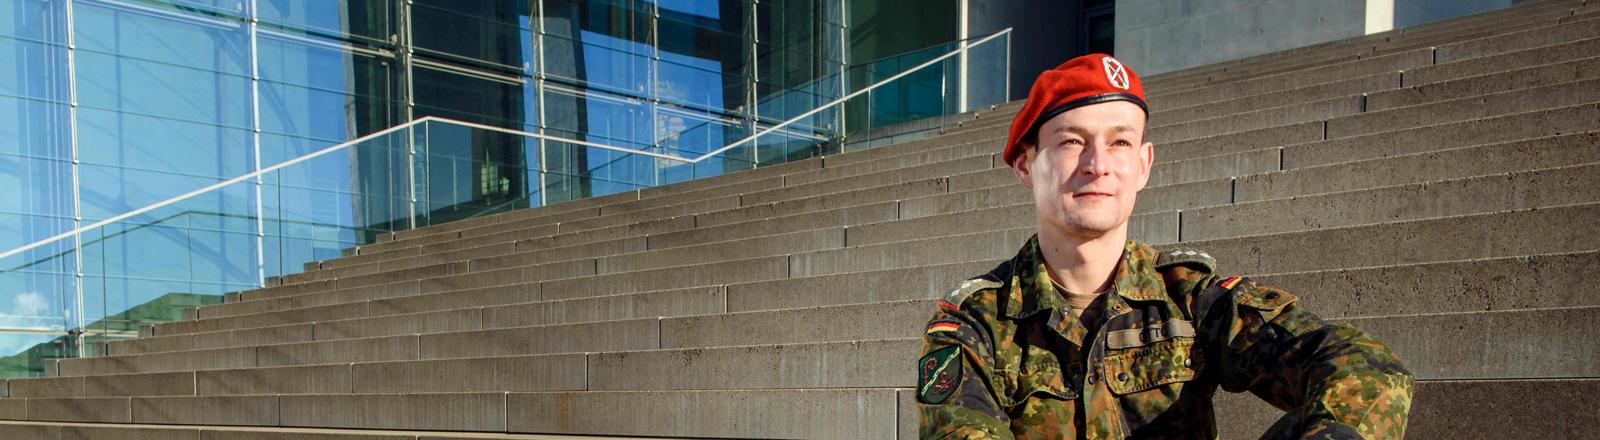 Der Offizier und Vorsitzende des Arbeitskreises Homosexueller Angehöriger der Bundeswehr e.V., Hauptmann Marcus Otto, schaut am 27.01.2017 in Berlin in die Kamera.